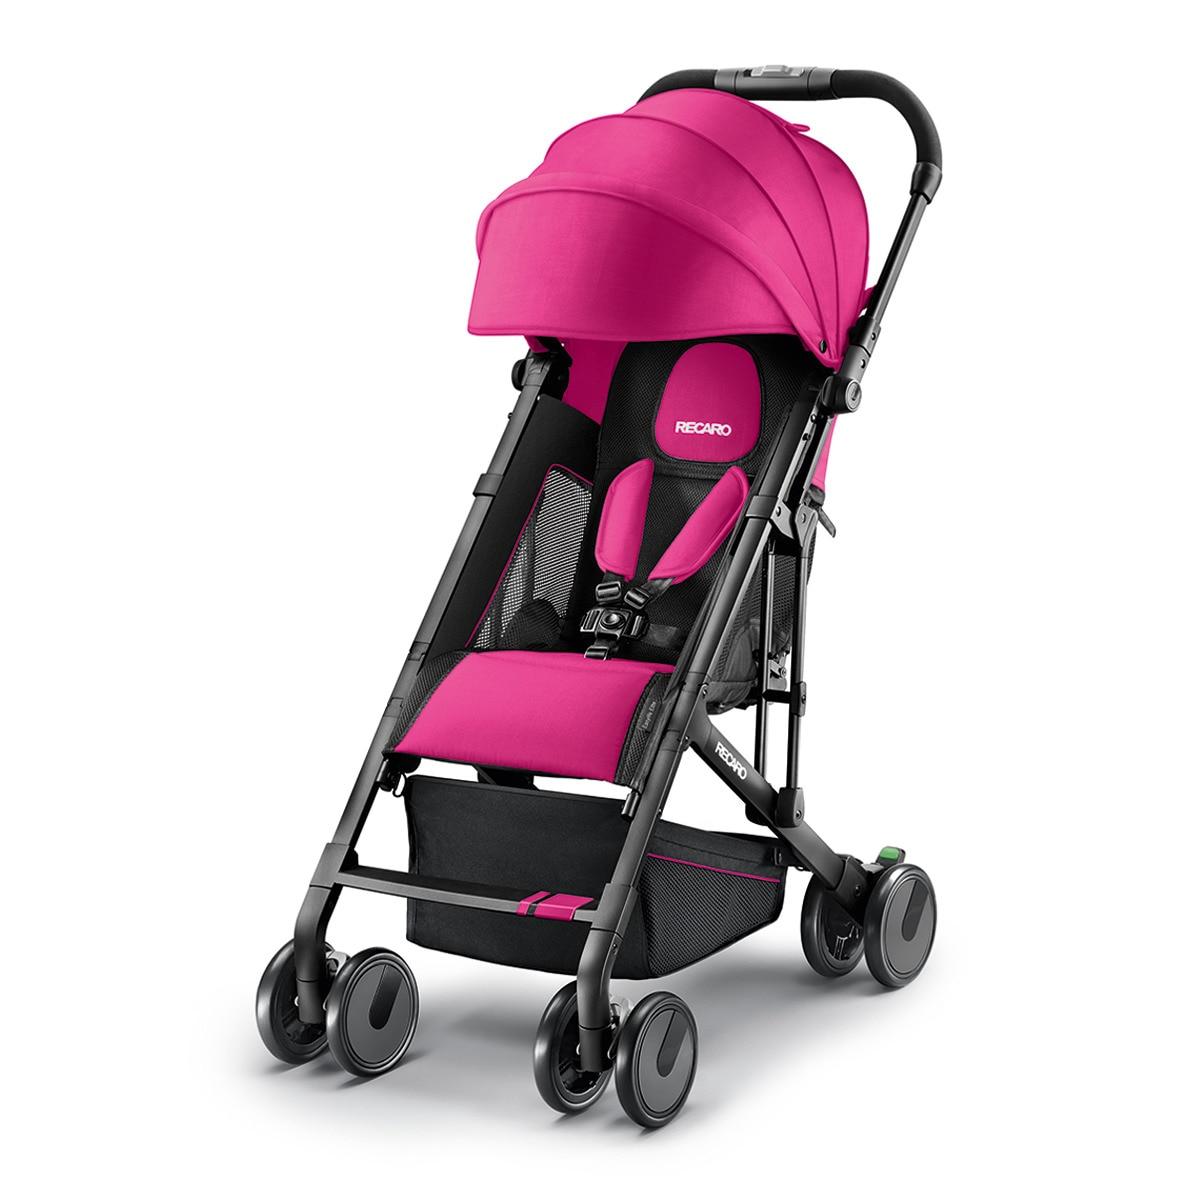 Silla de paseo Recaro Easylife Elite Pink rosa